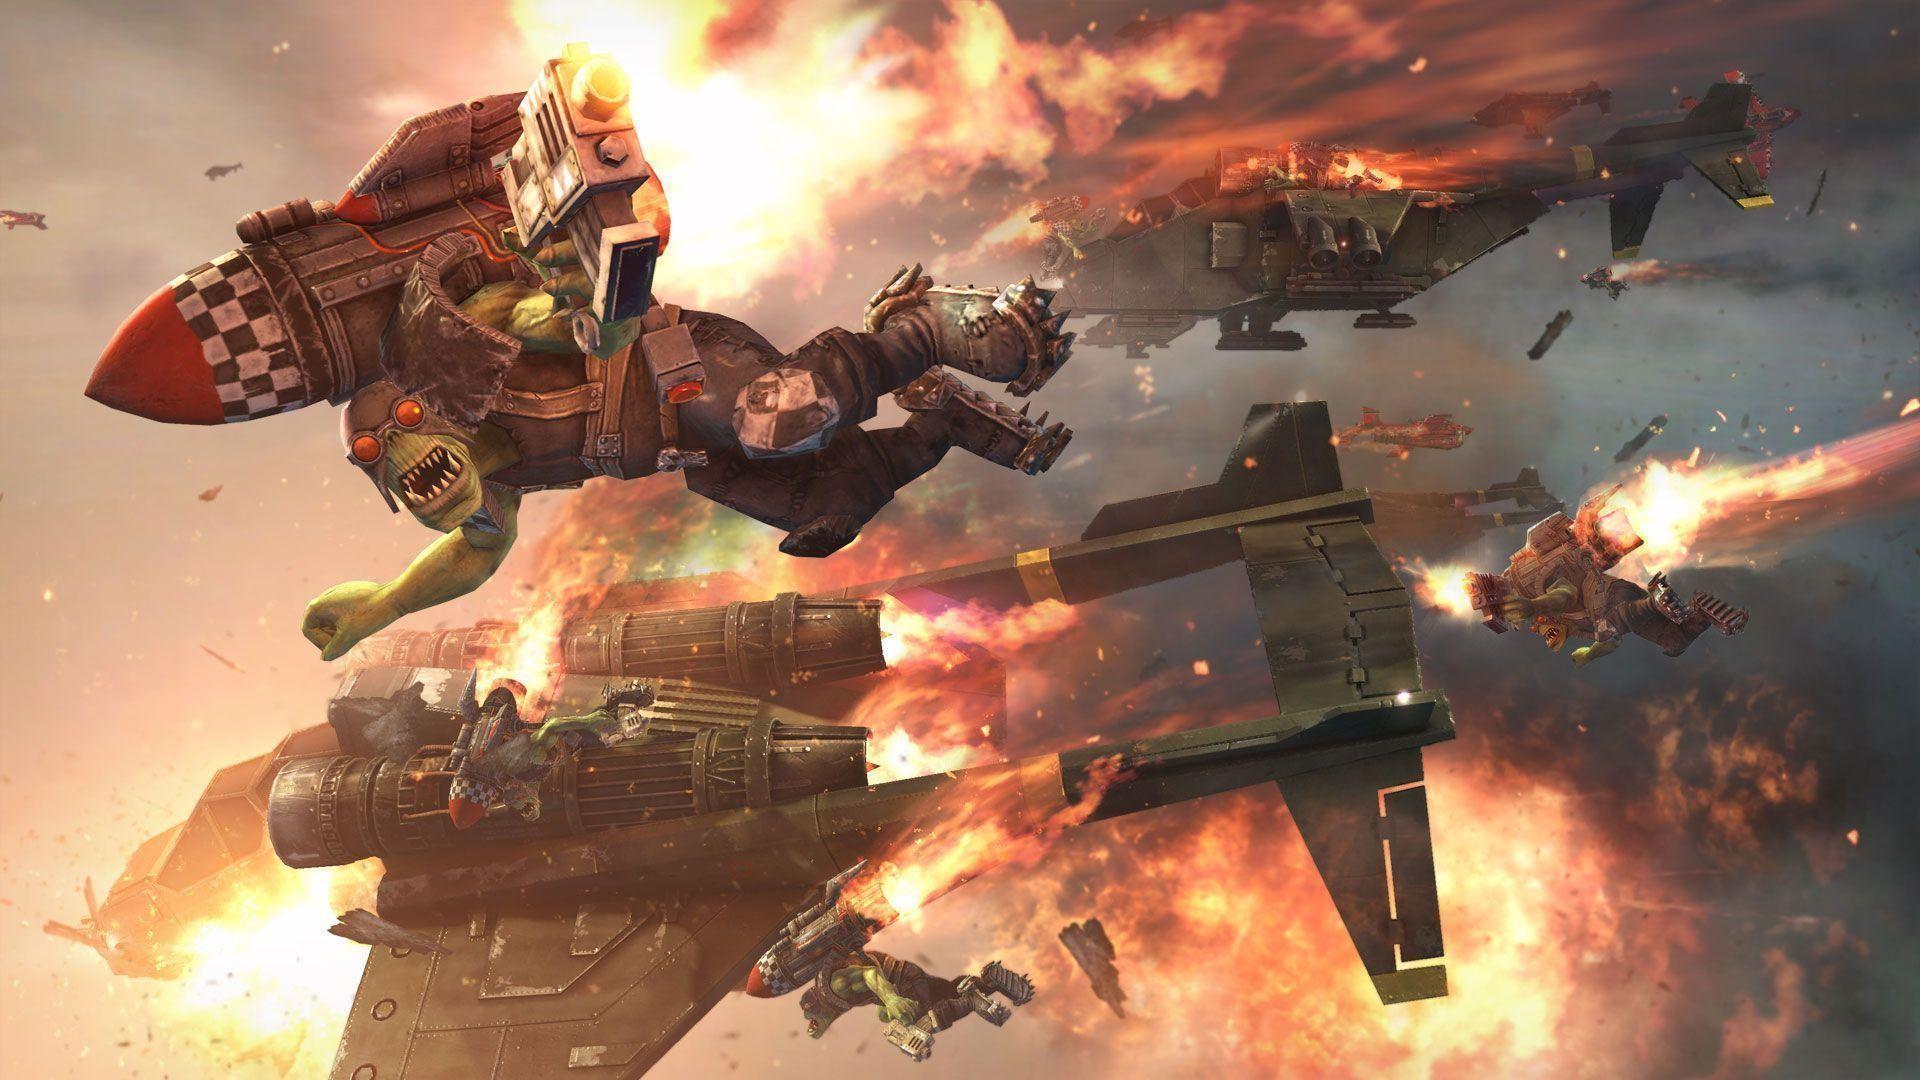 Warhammer 40K Orks High Quality Wallpaper HD – dlwallhd.